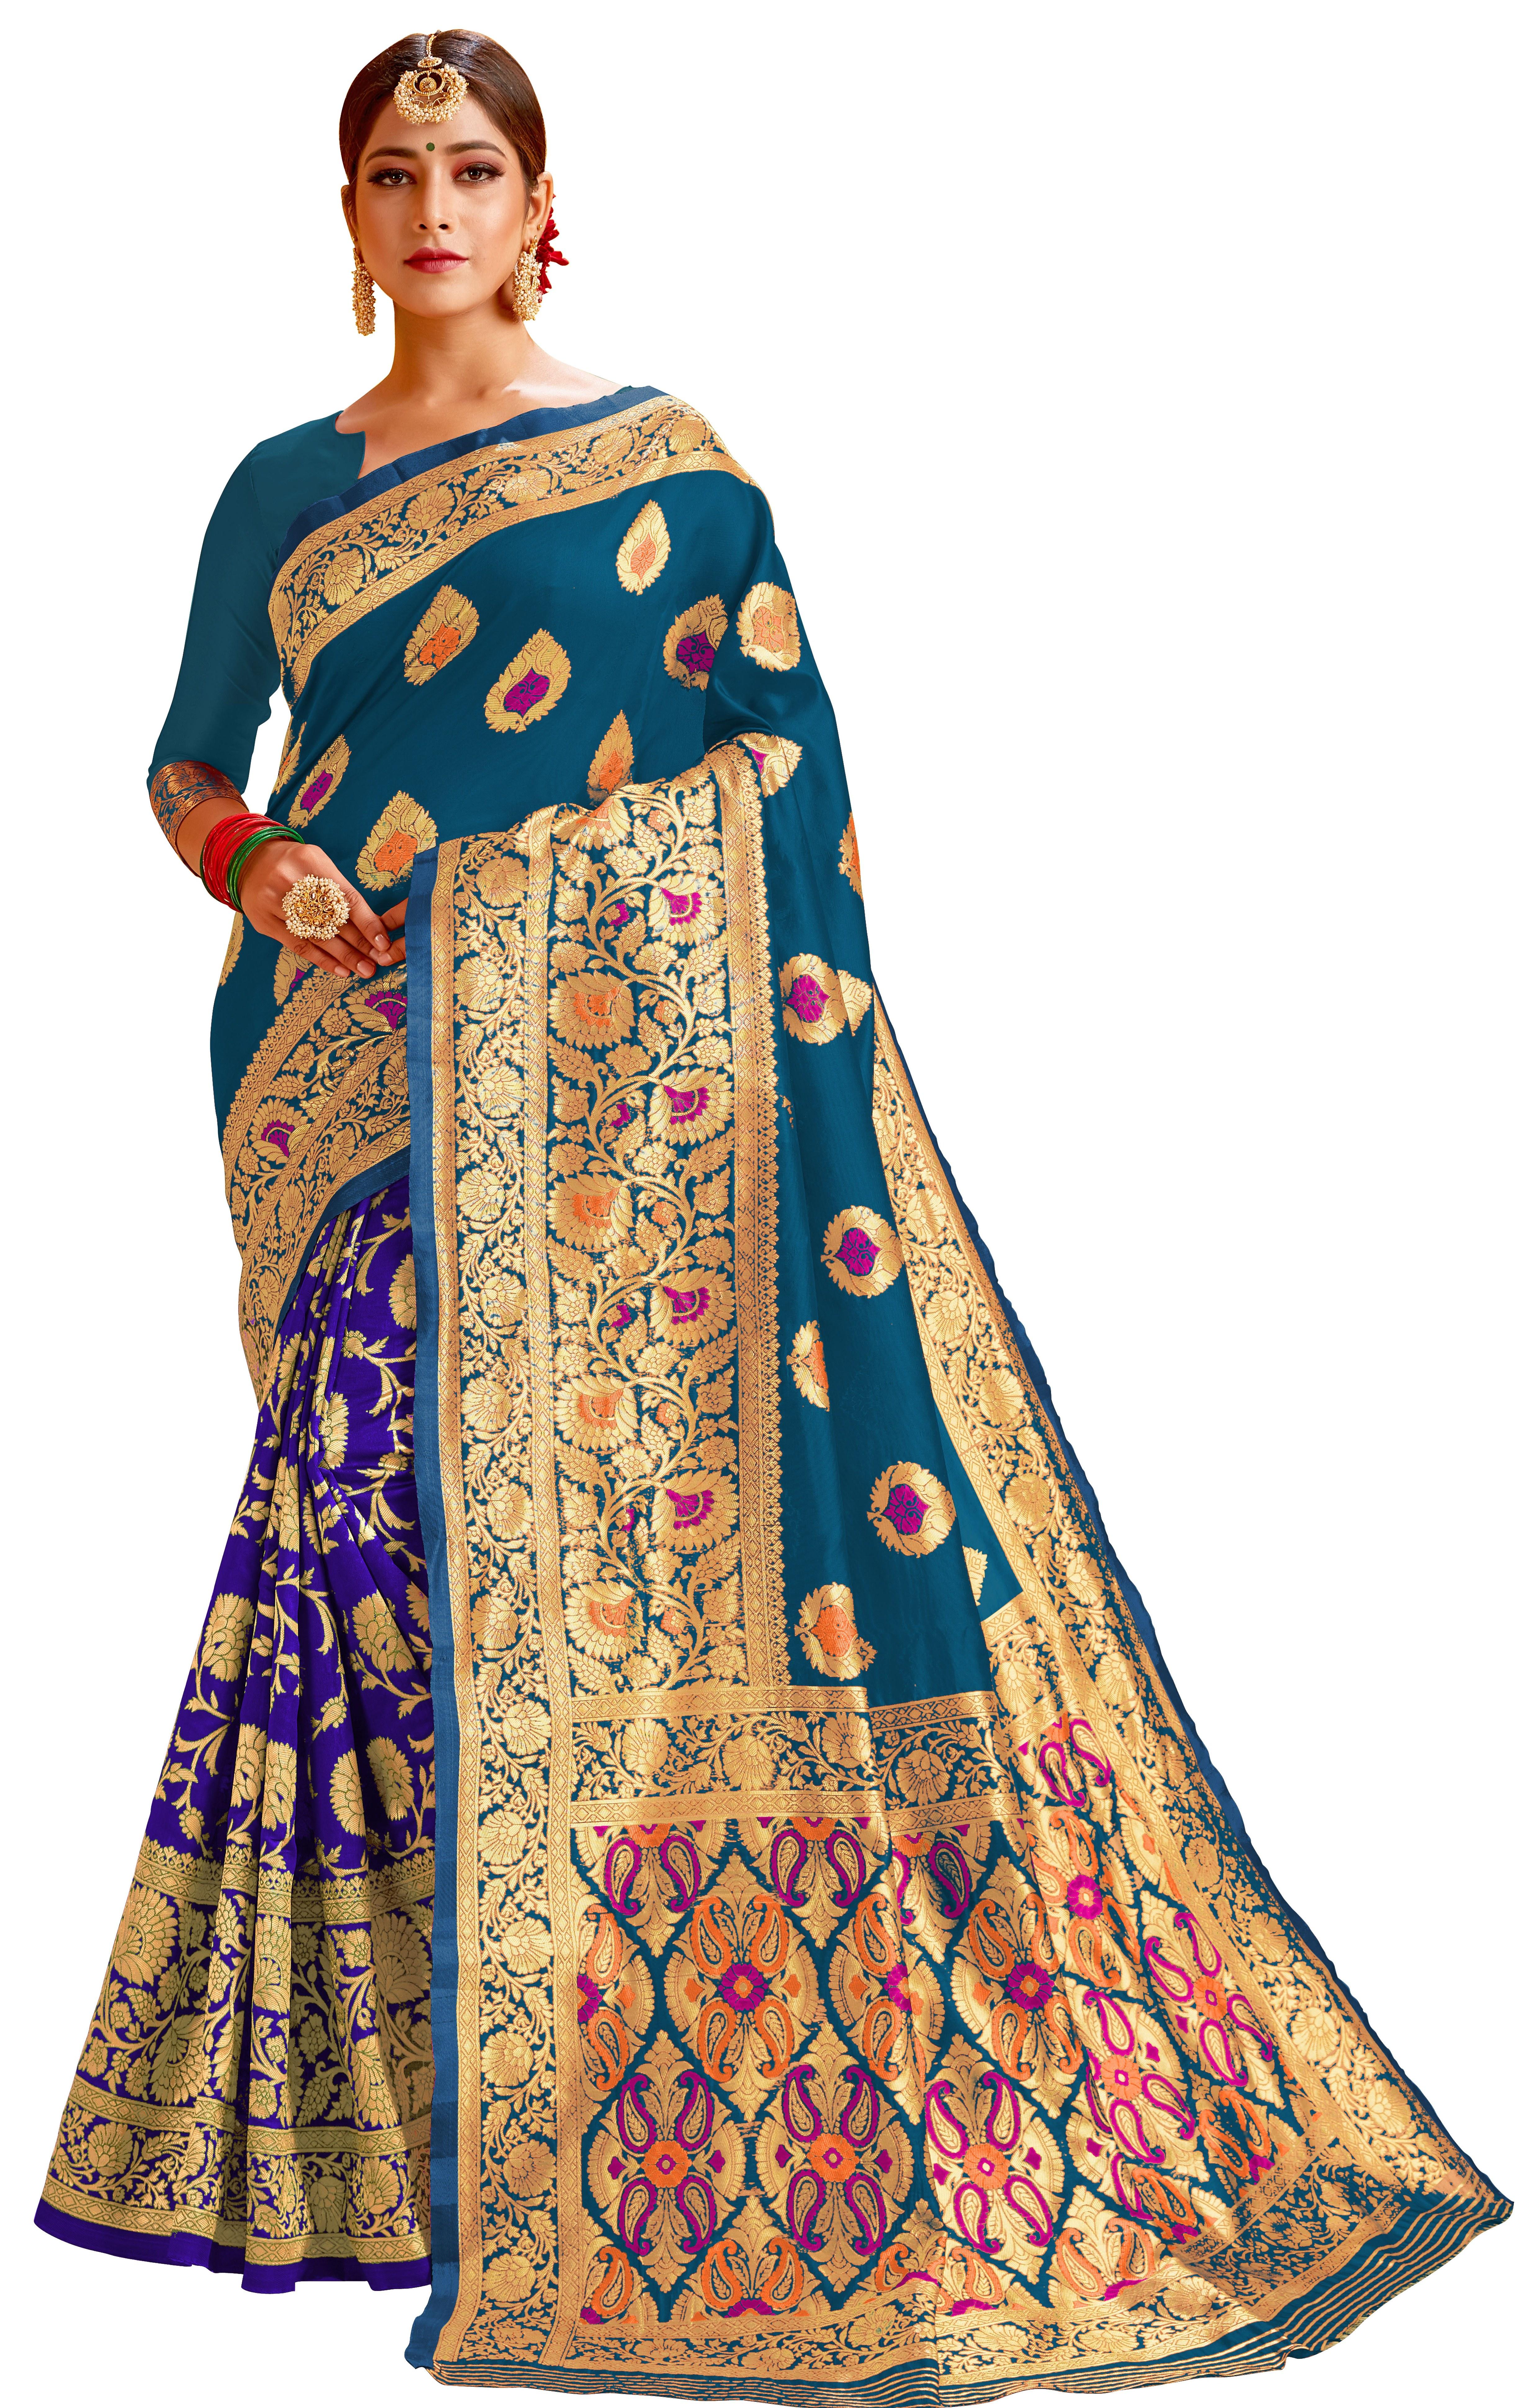 Glemora   Glemora Rama & Blue Lichi Cotton Chhaya Saree With Unstitched Blouse